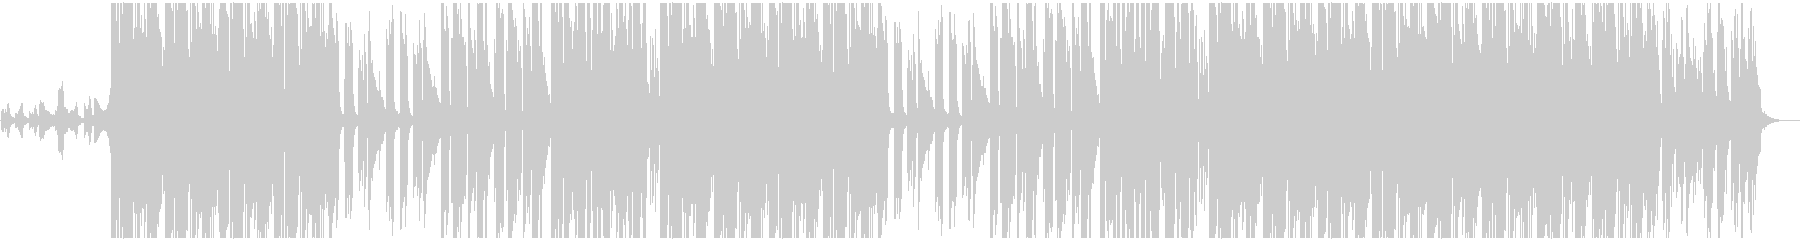 ワイルドで切ないBGMの未再生の波形